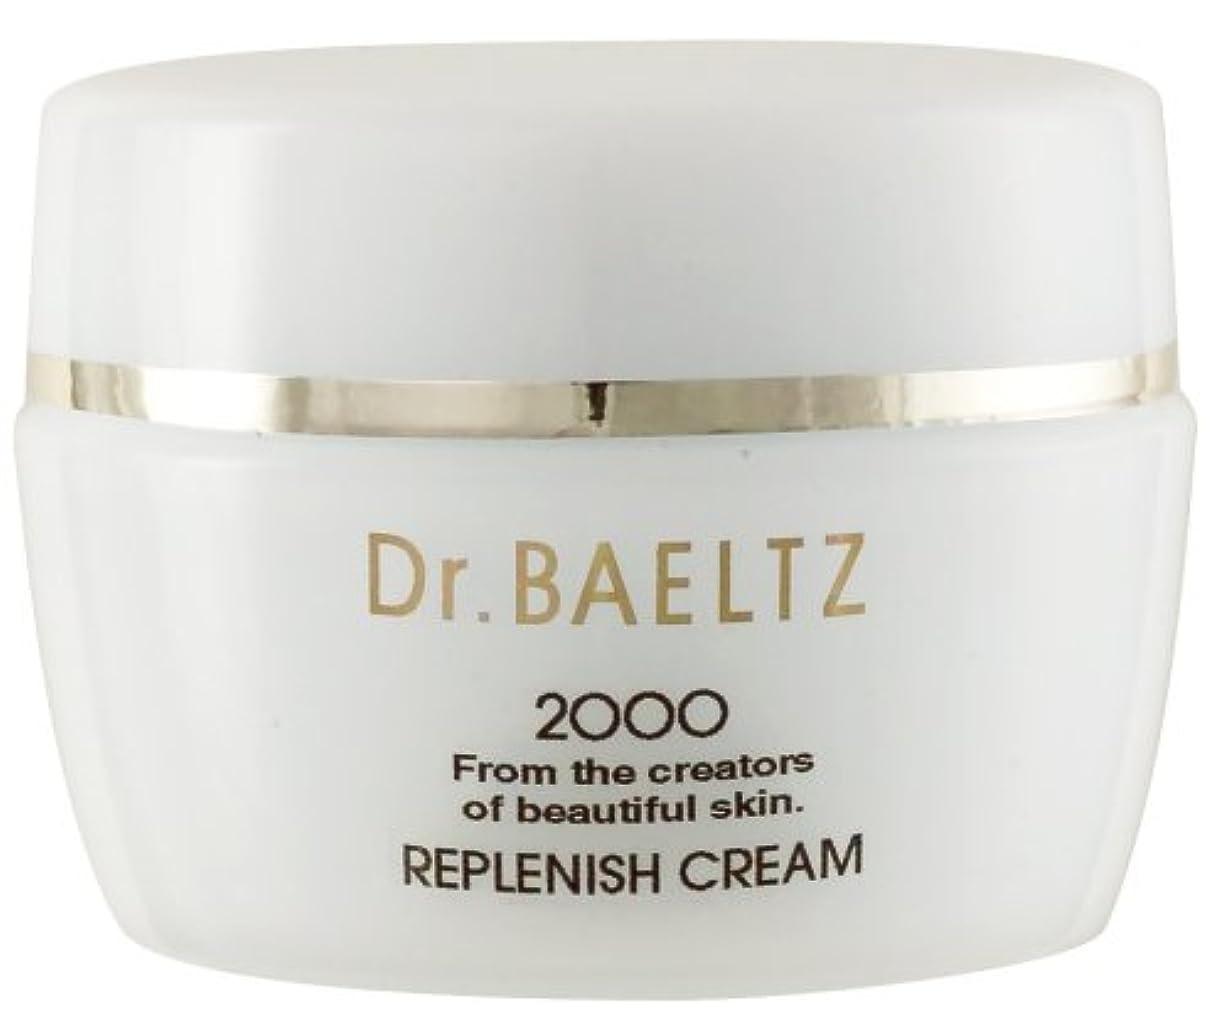 ピボット起きている誠実ドクターベルツ(Dr.BAELTZ) リプレニッシュクリーム 40g(保湿クリーム)